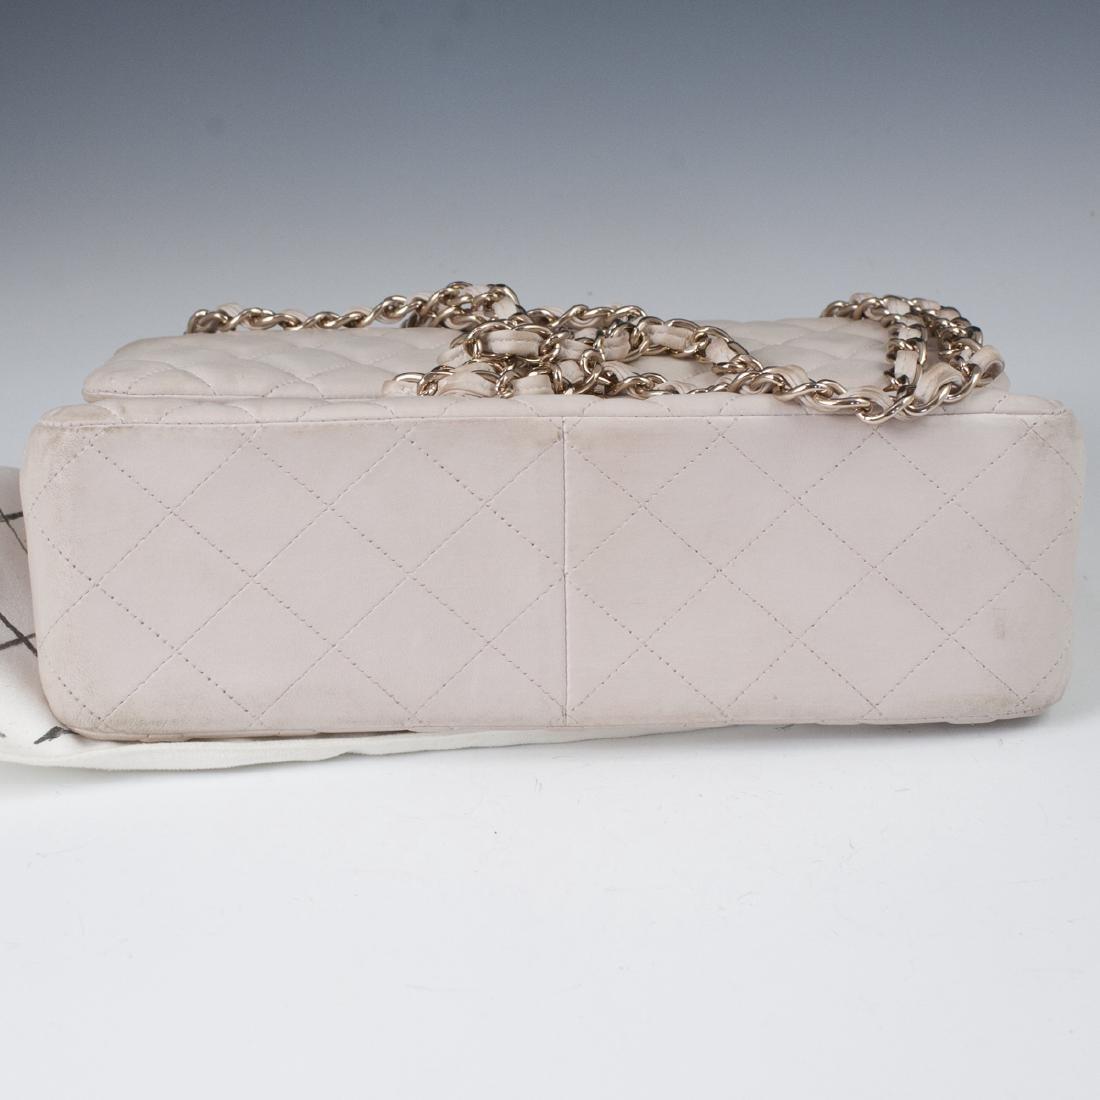 Chanel Light Beige Calfskin Flap Bag - 5